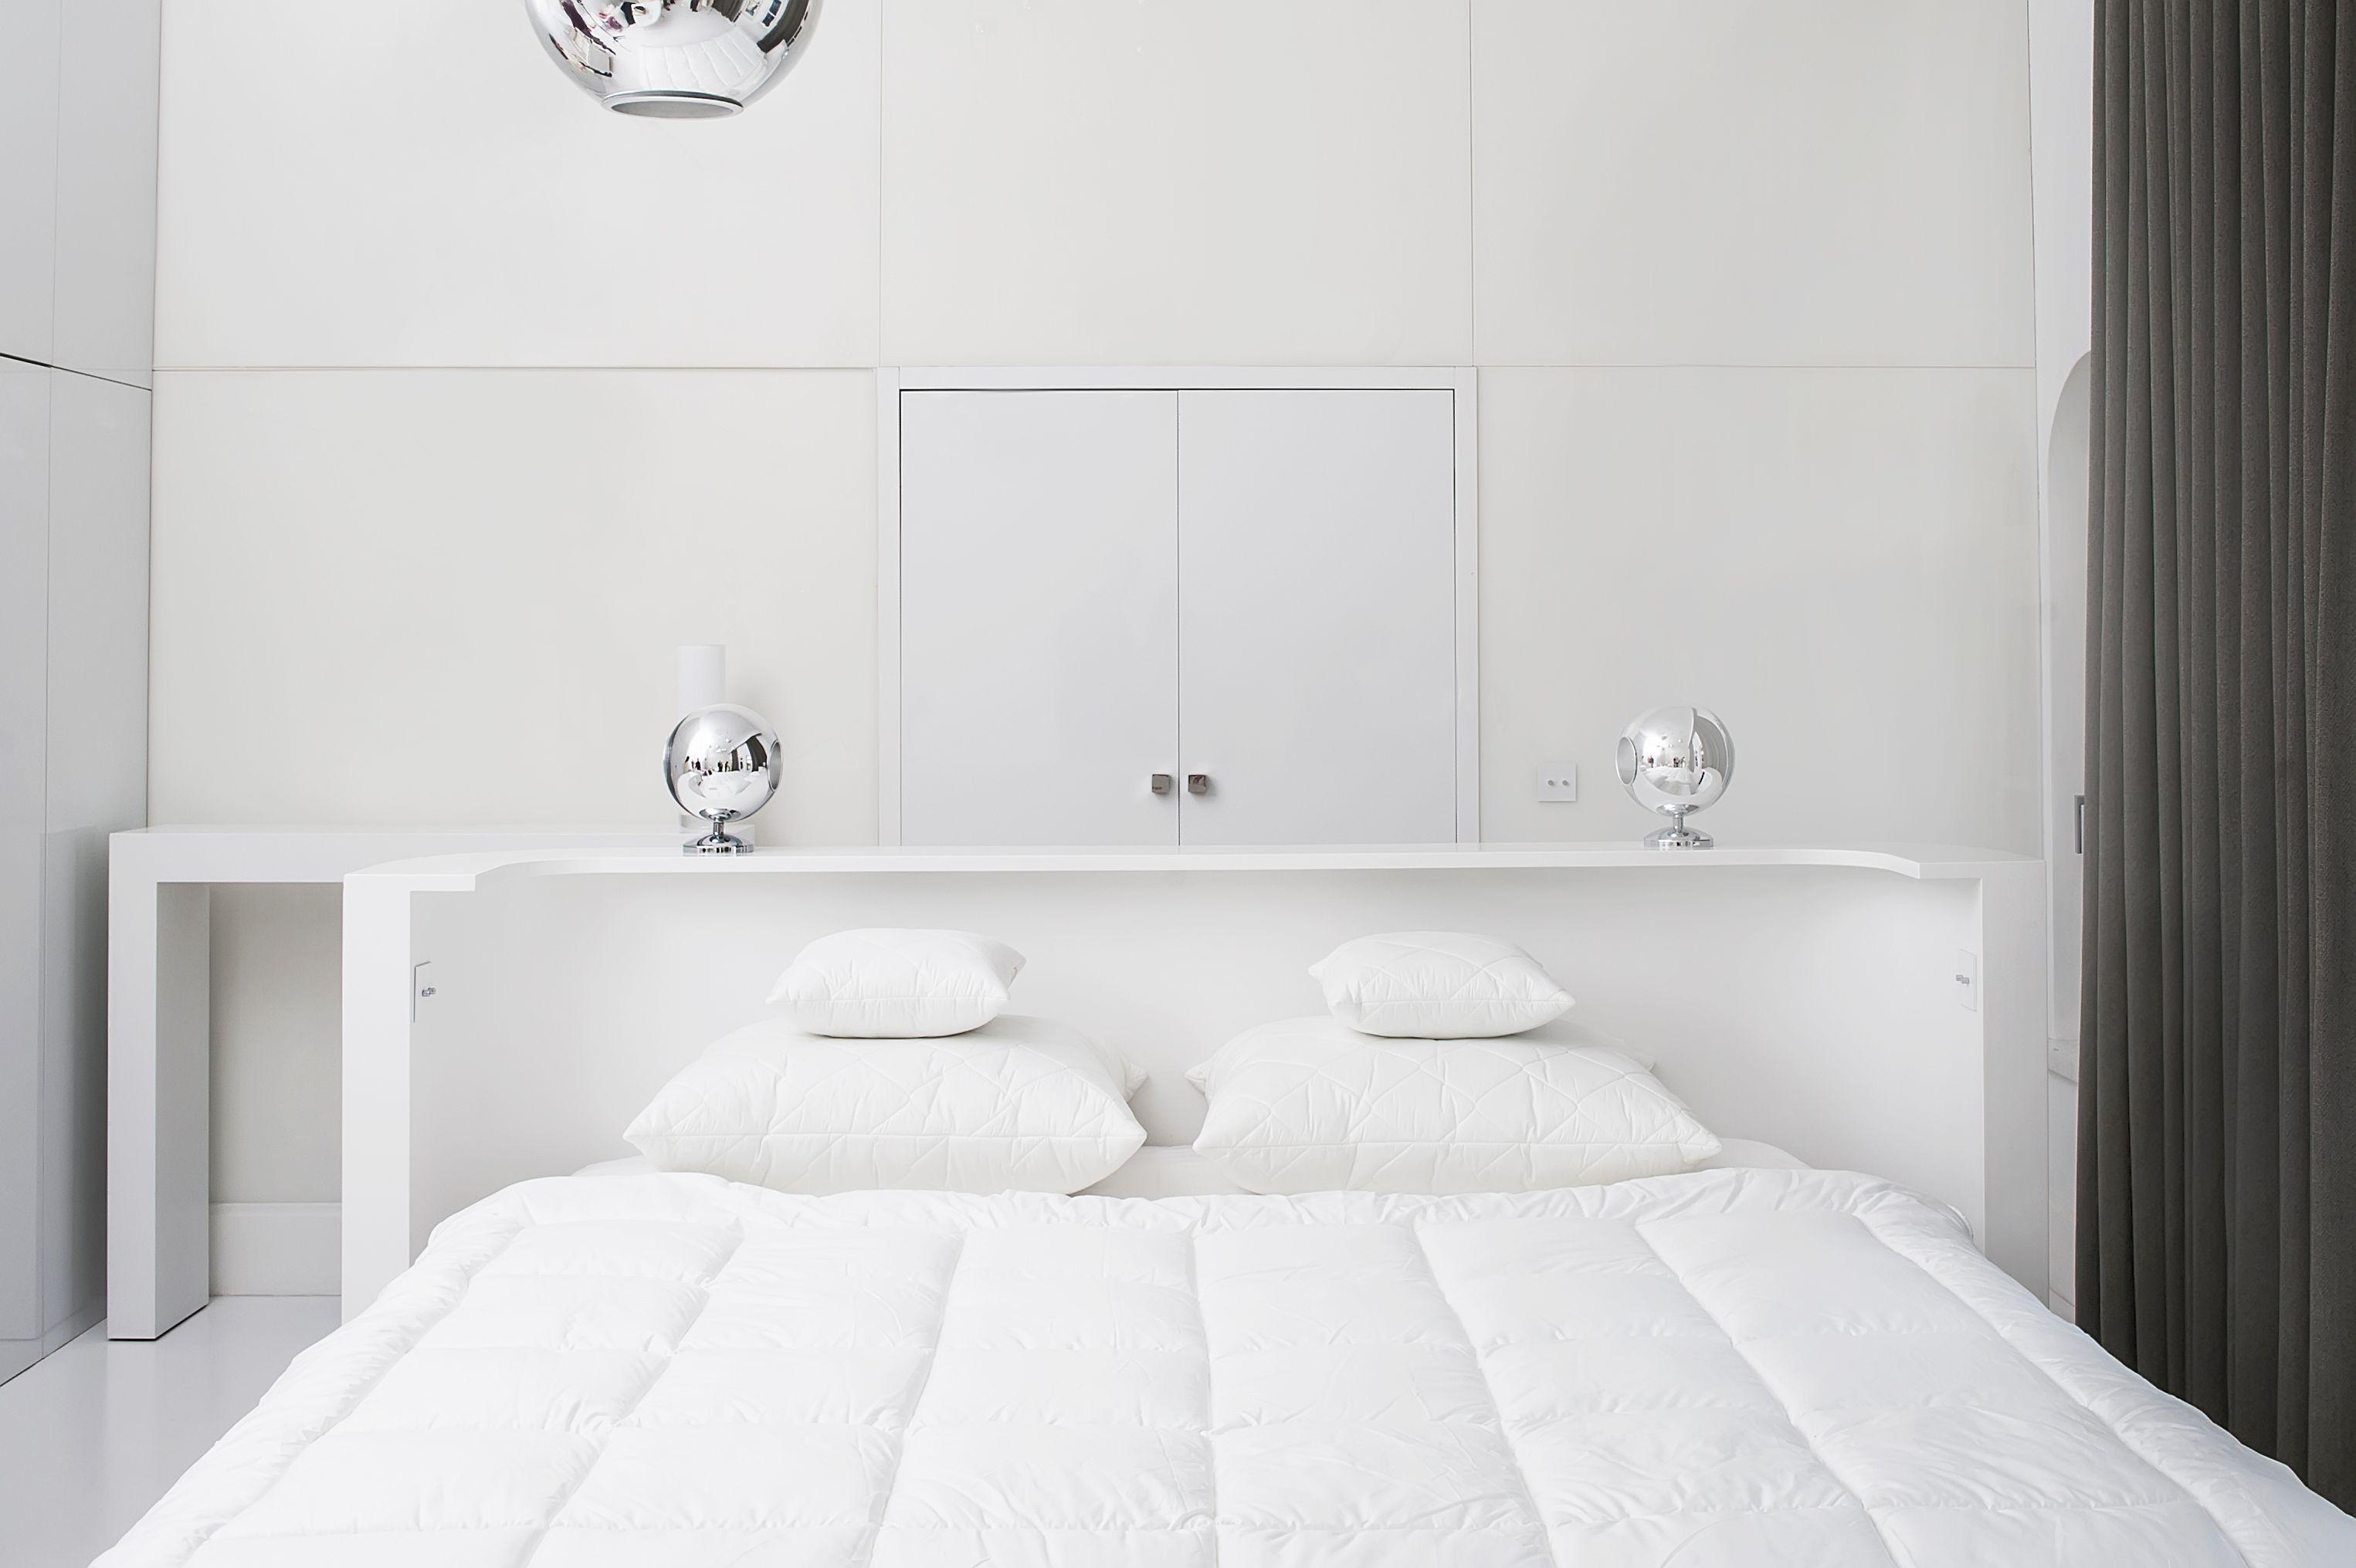 Kołdra, poduszki i jaśki poliestrowe w poszyciu batystowym